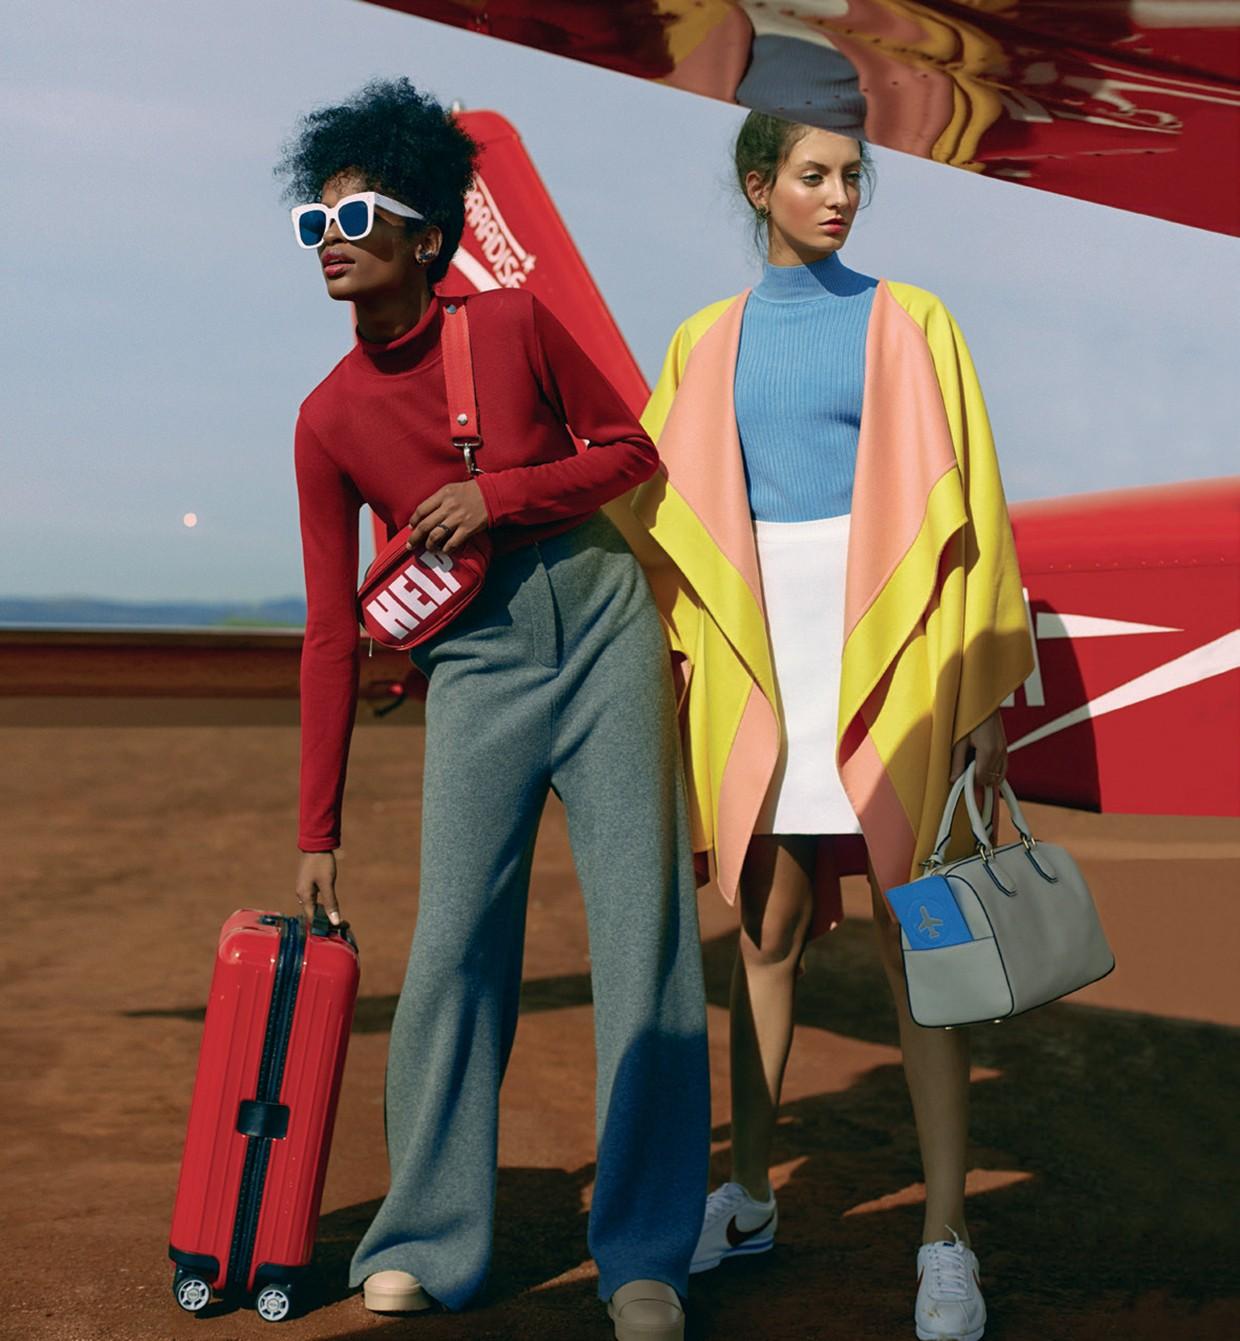 À esquerda, blusa Karin Matheus (R$ 399), calça Stella McCartney na NK Store (R$ 4.590), óculos Céline (R$ 1.559), pochete Diego Favaro (R$ 129), tênis Le Lis Blanc (R$ 499) e mala Rimowa (R$ 1.700). À direita, capa Emilio Pucci (R$ 14.800), blusa (R$ 495 (Foto: Ivan Erick)